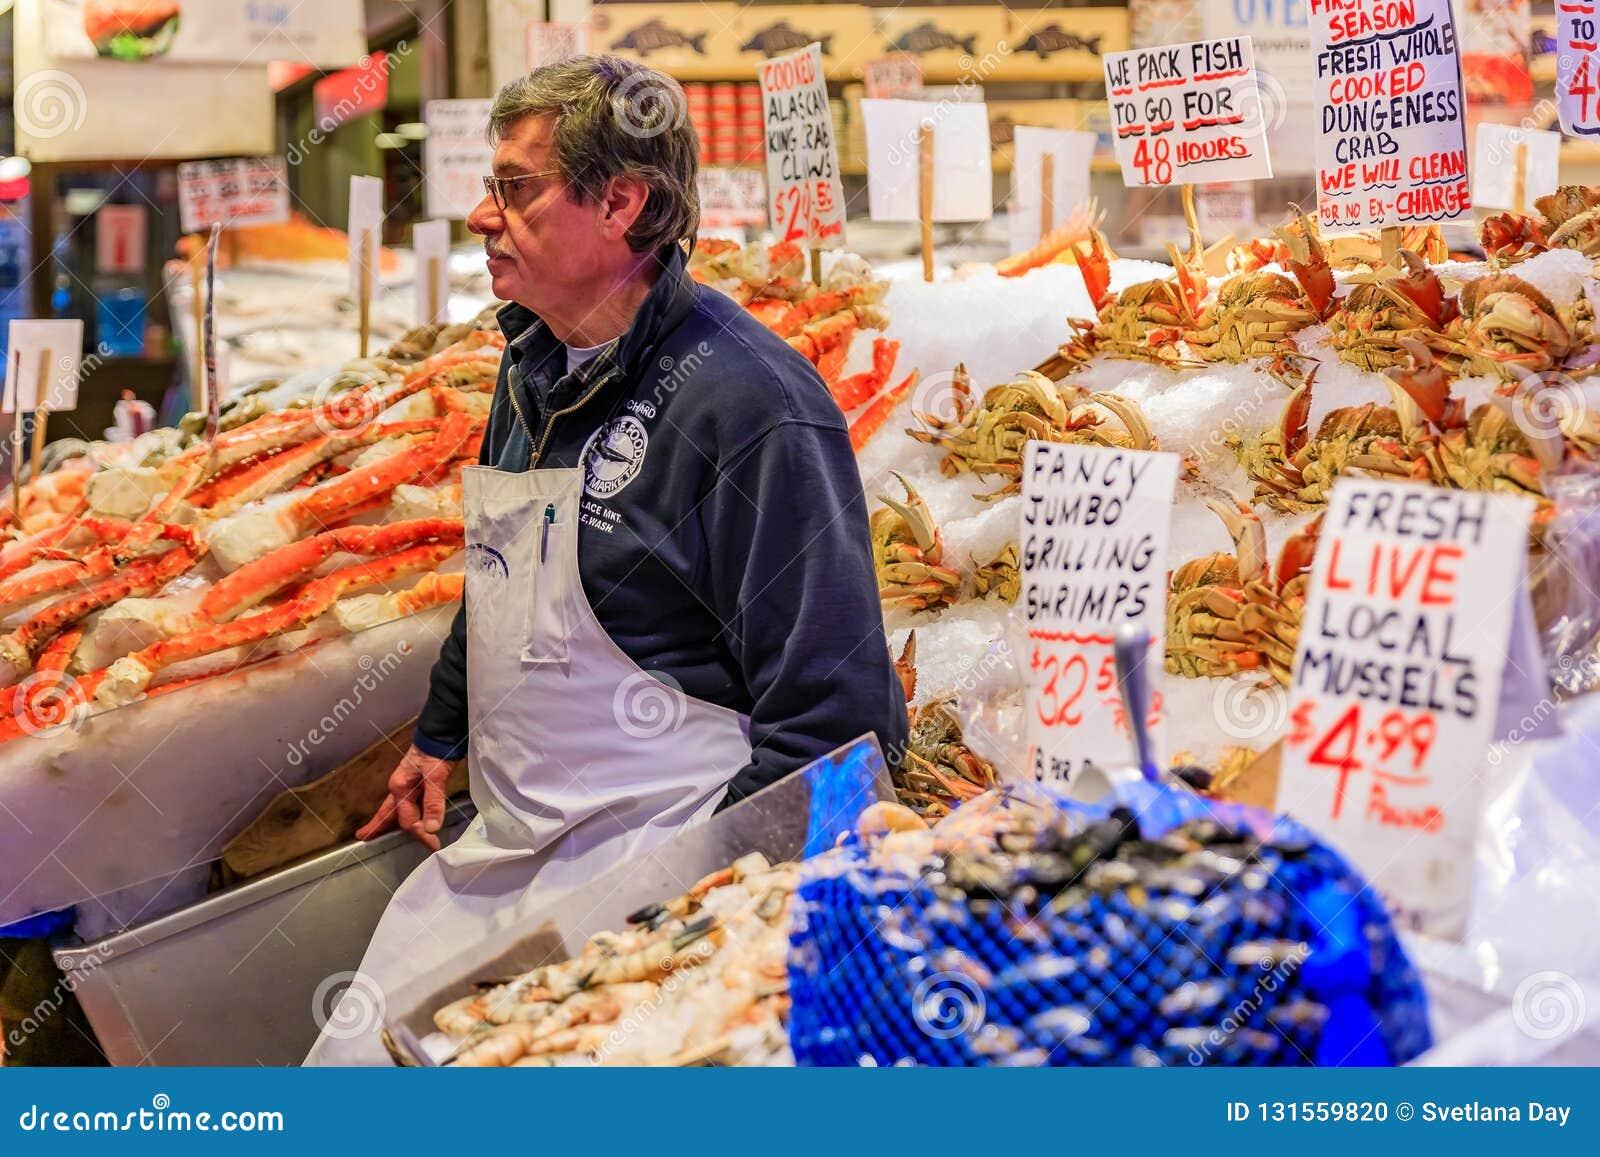 Seattle, Vereinigte Staaten - November-Fischhändler an einem Stall mit frischen Meeresfrüchten wie Krabbe, Garnele und Miesmusche